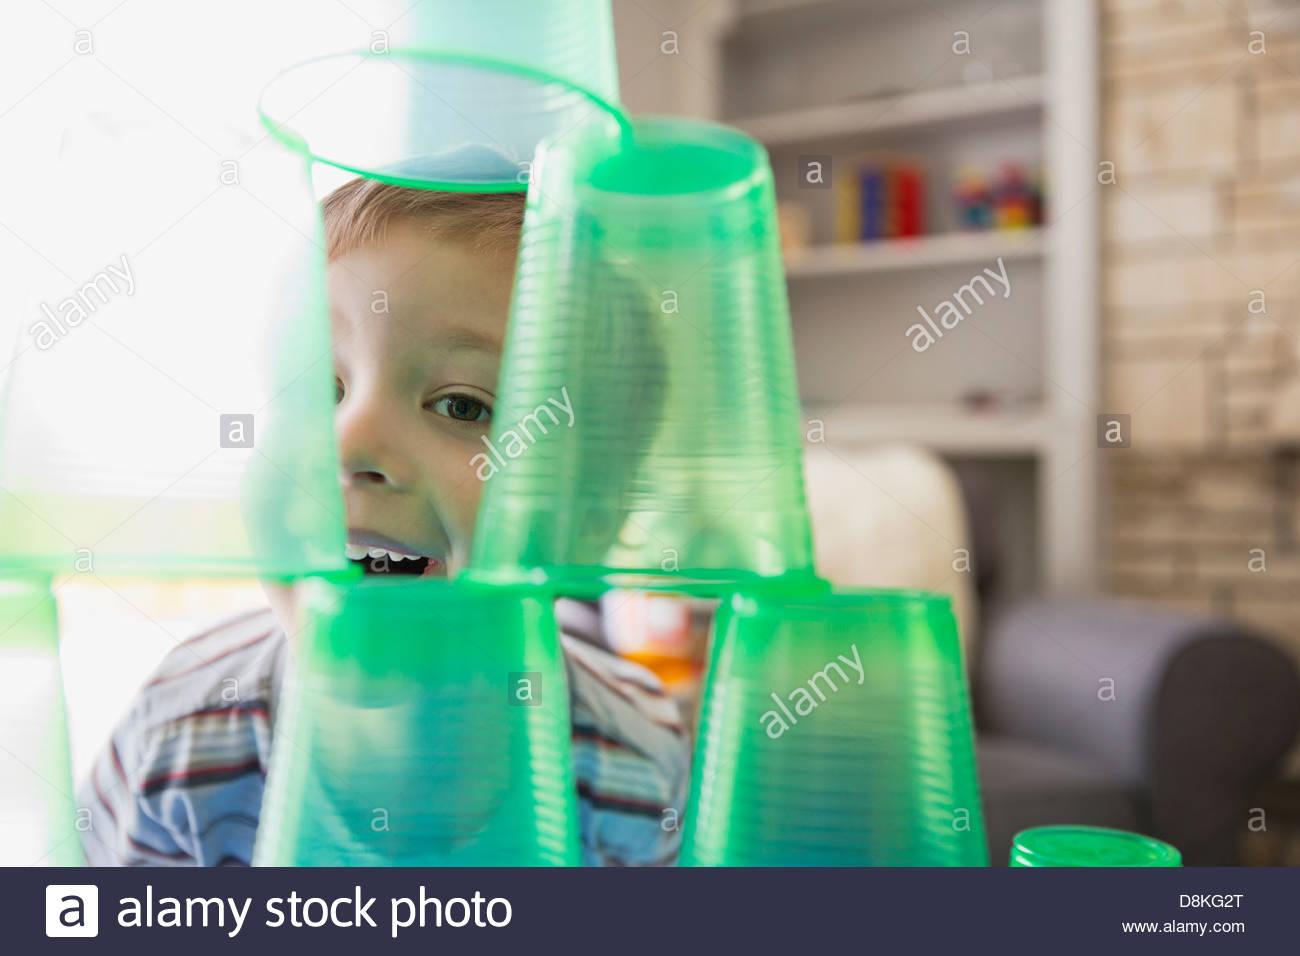 Chico sonriente jugando con vasos de plástico Imagen De Stock